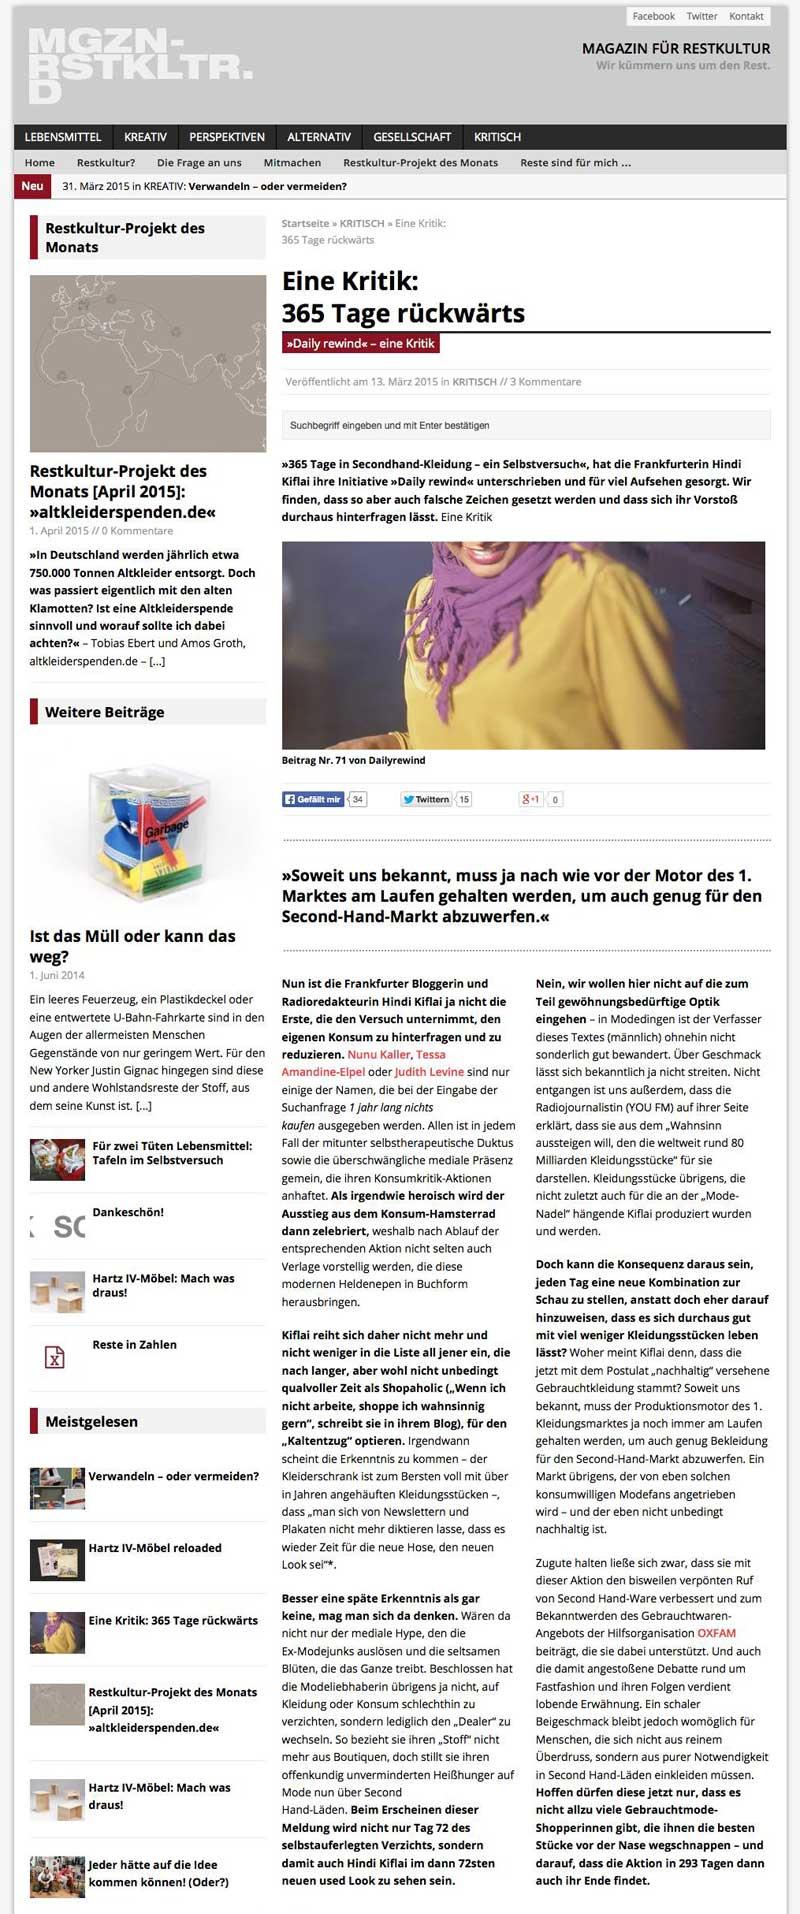 Eine_Kritik_365_Tage_rückwärts_Magazin_für_Restkultur_-_2015-04-02_17.08.16_800kurz